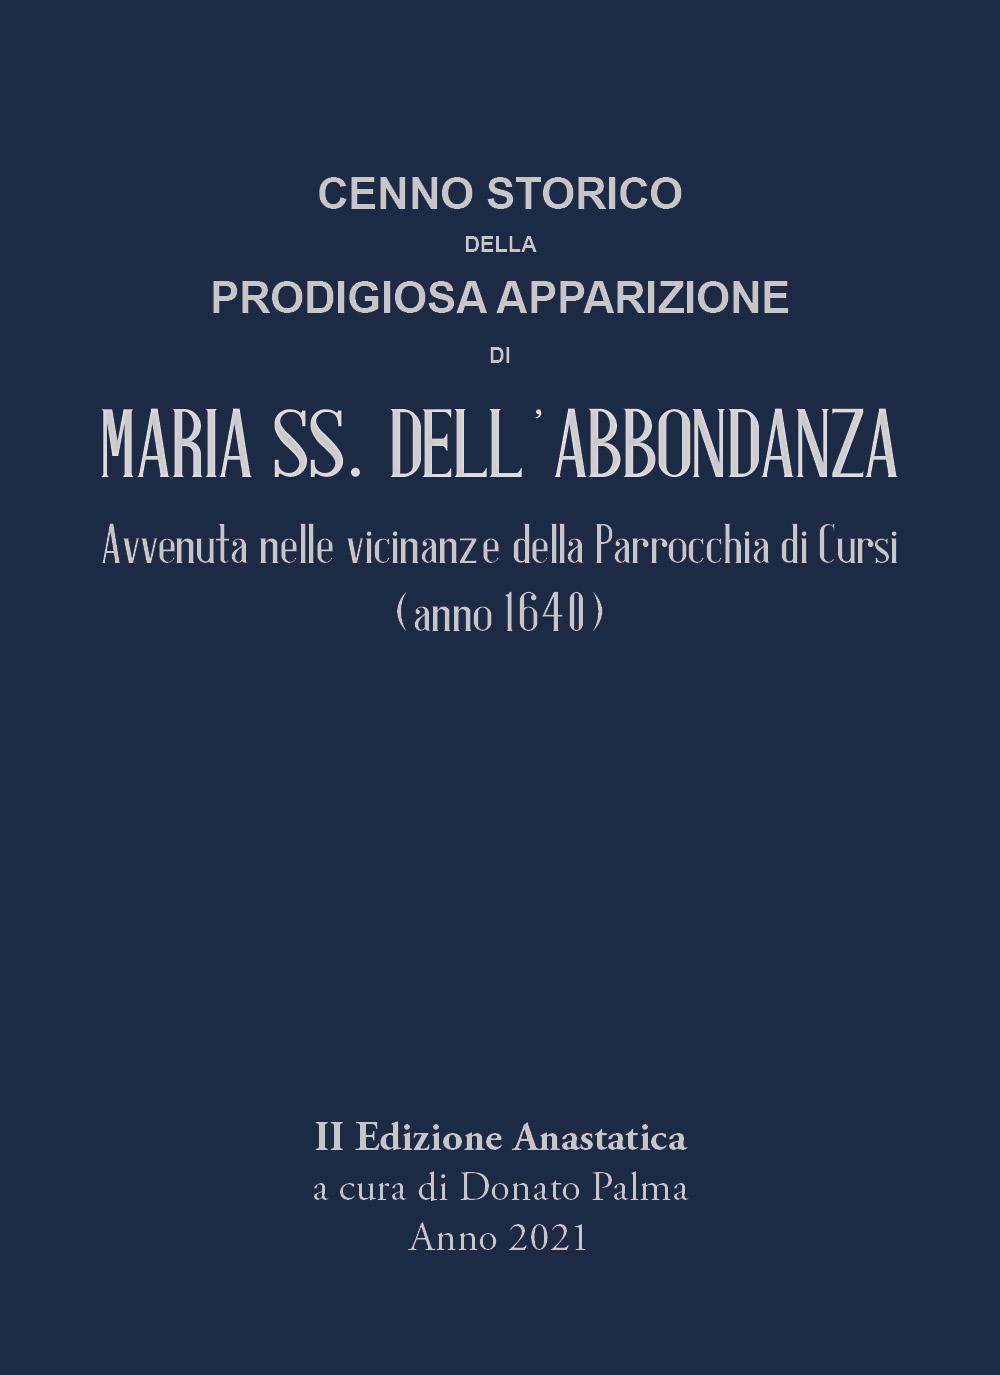 Cenno storico della prodigiosa apparizione di Maria SS. dell'Abbondanza